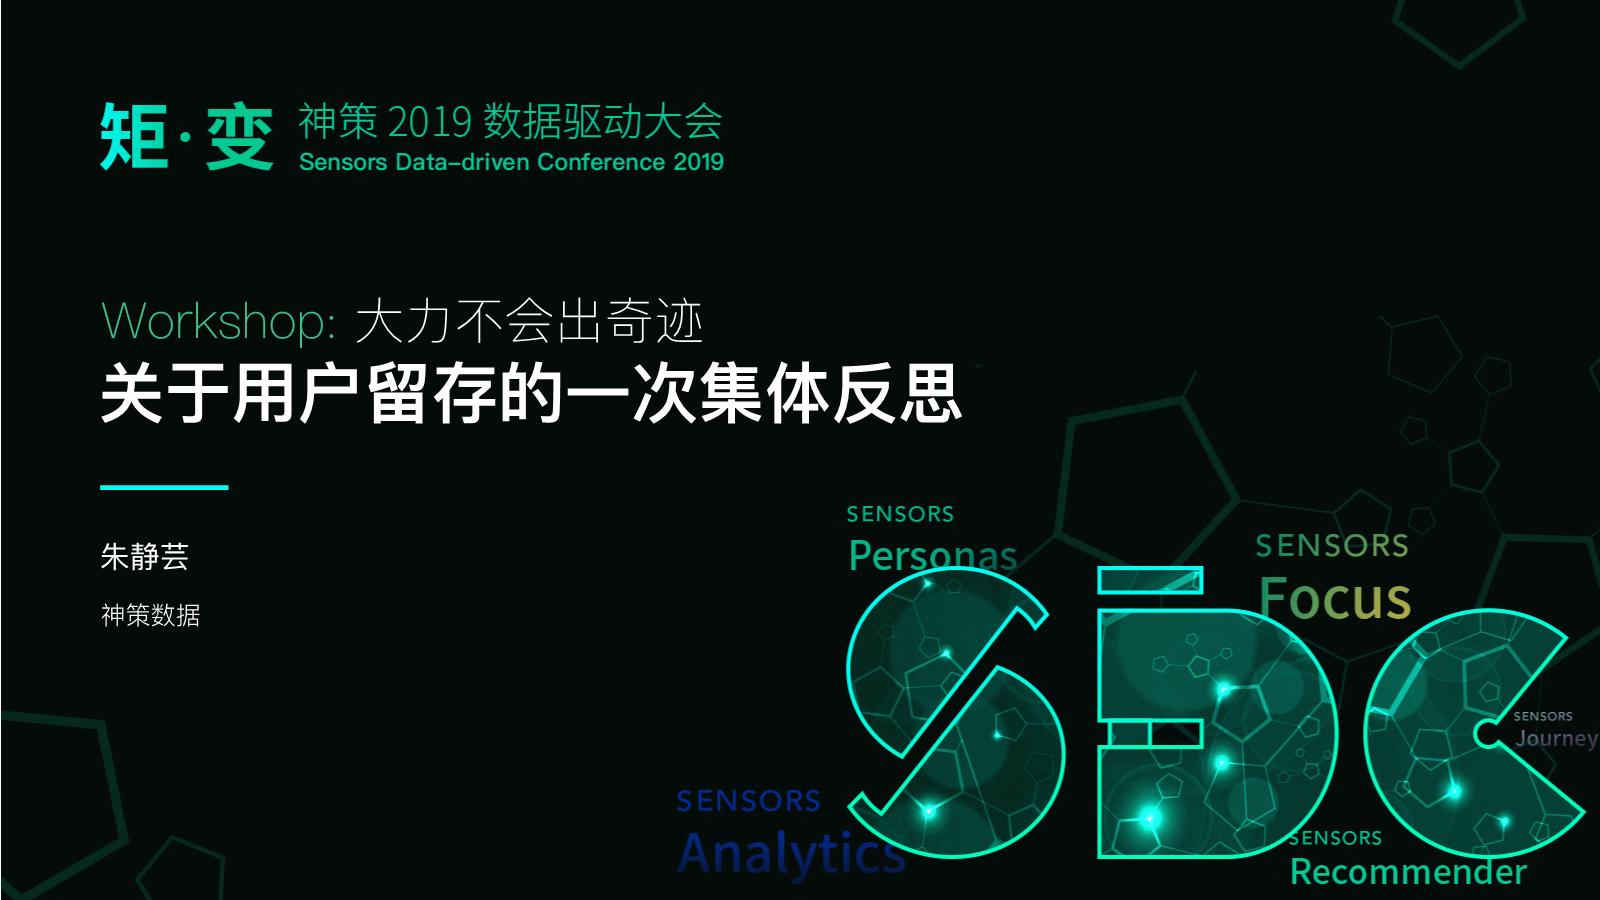 朱静芸-关于用户留存的一次集体反思